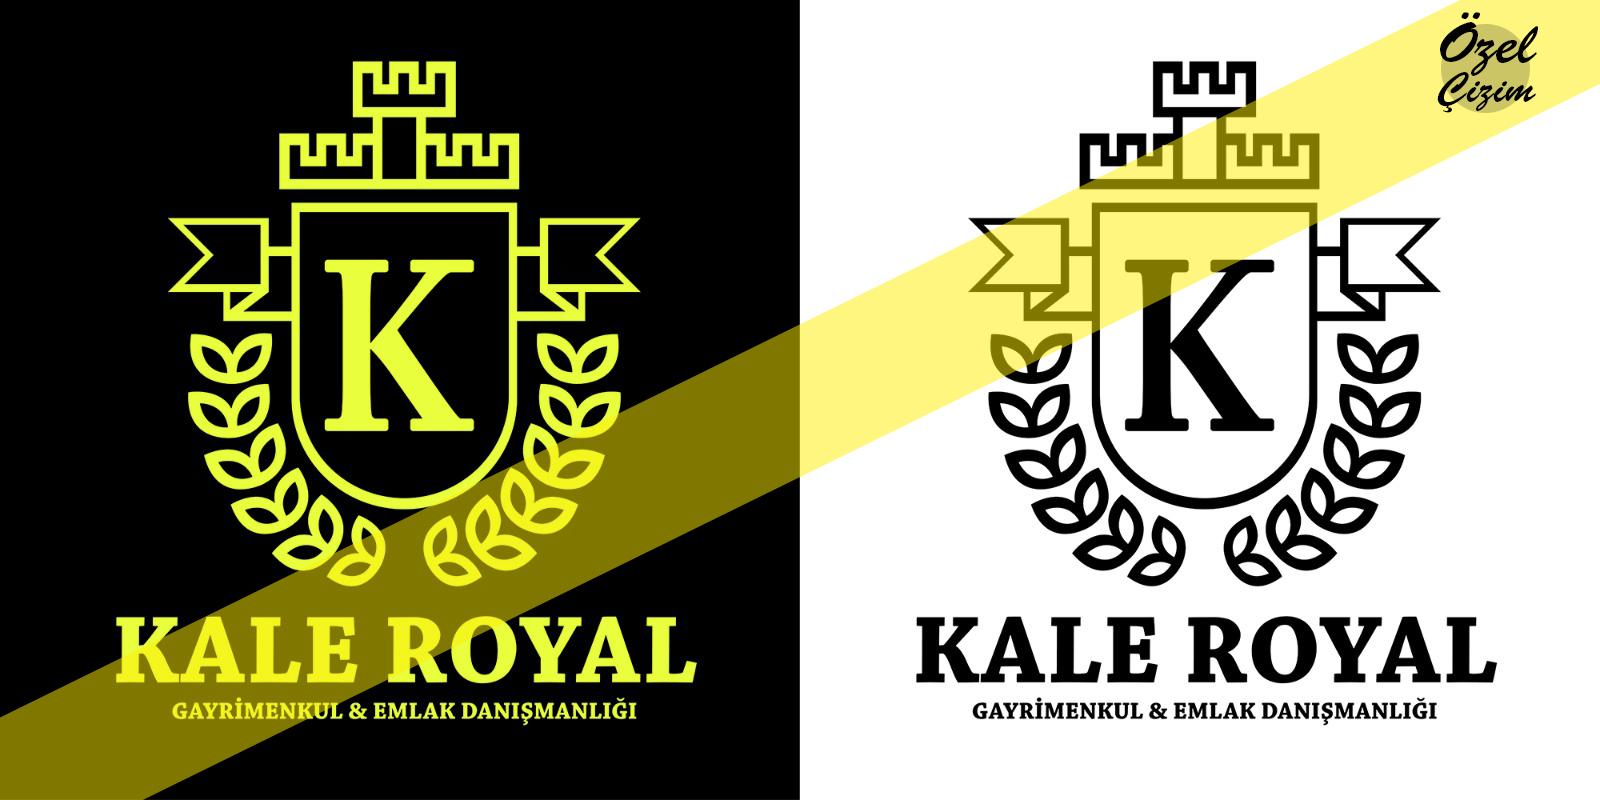 grafik, logo tasarım, kale royal, logo çizimi, vektörel logo, Vektörel Çizim, freelance logo tasarım, gayrimenkul logo, logo tasarım ücretleri, logo, logo yapma, firma logosu, Özel Çizim,